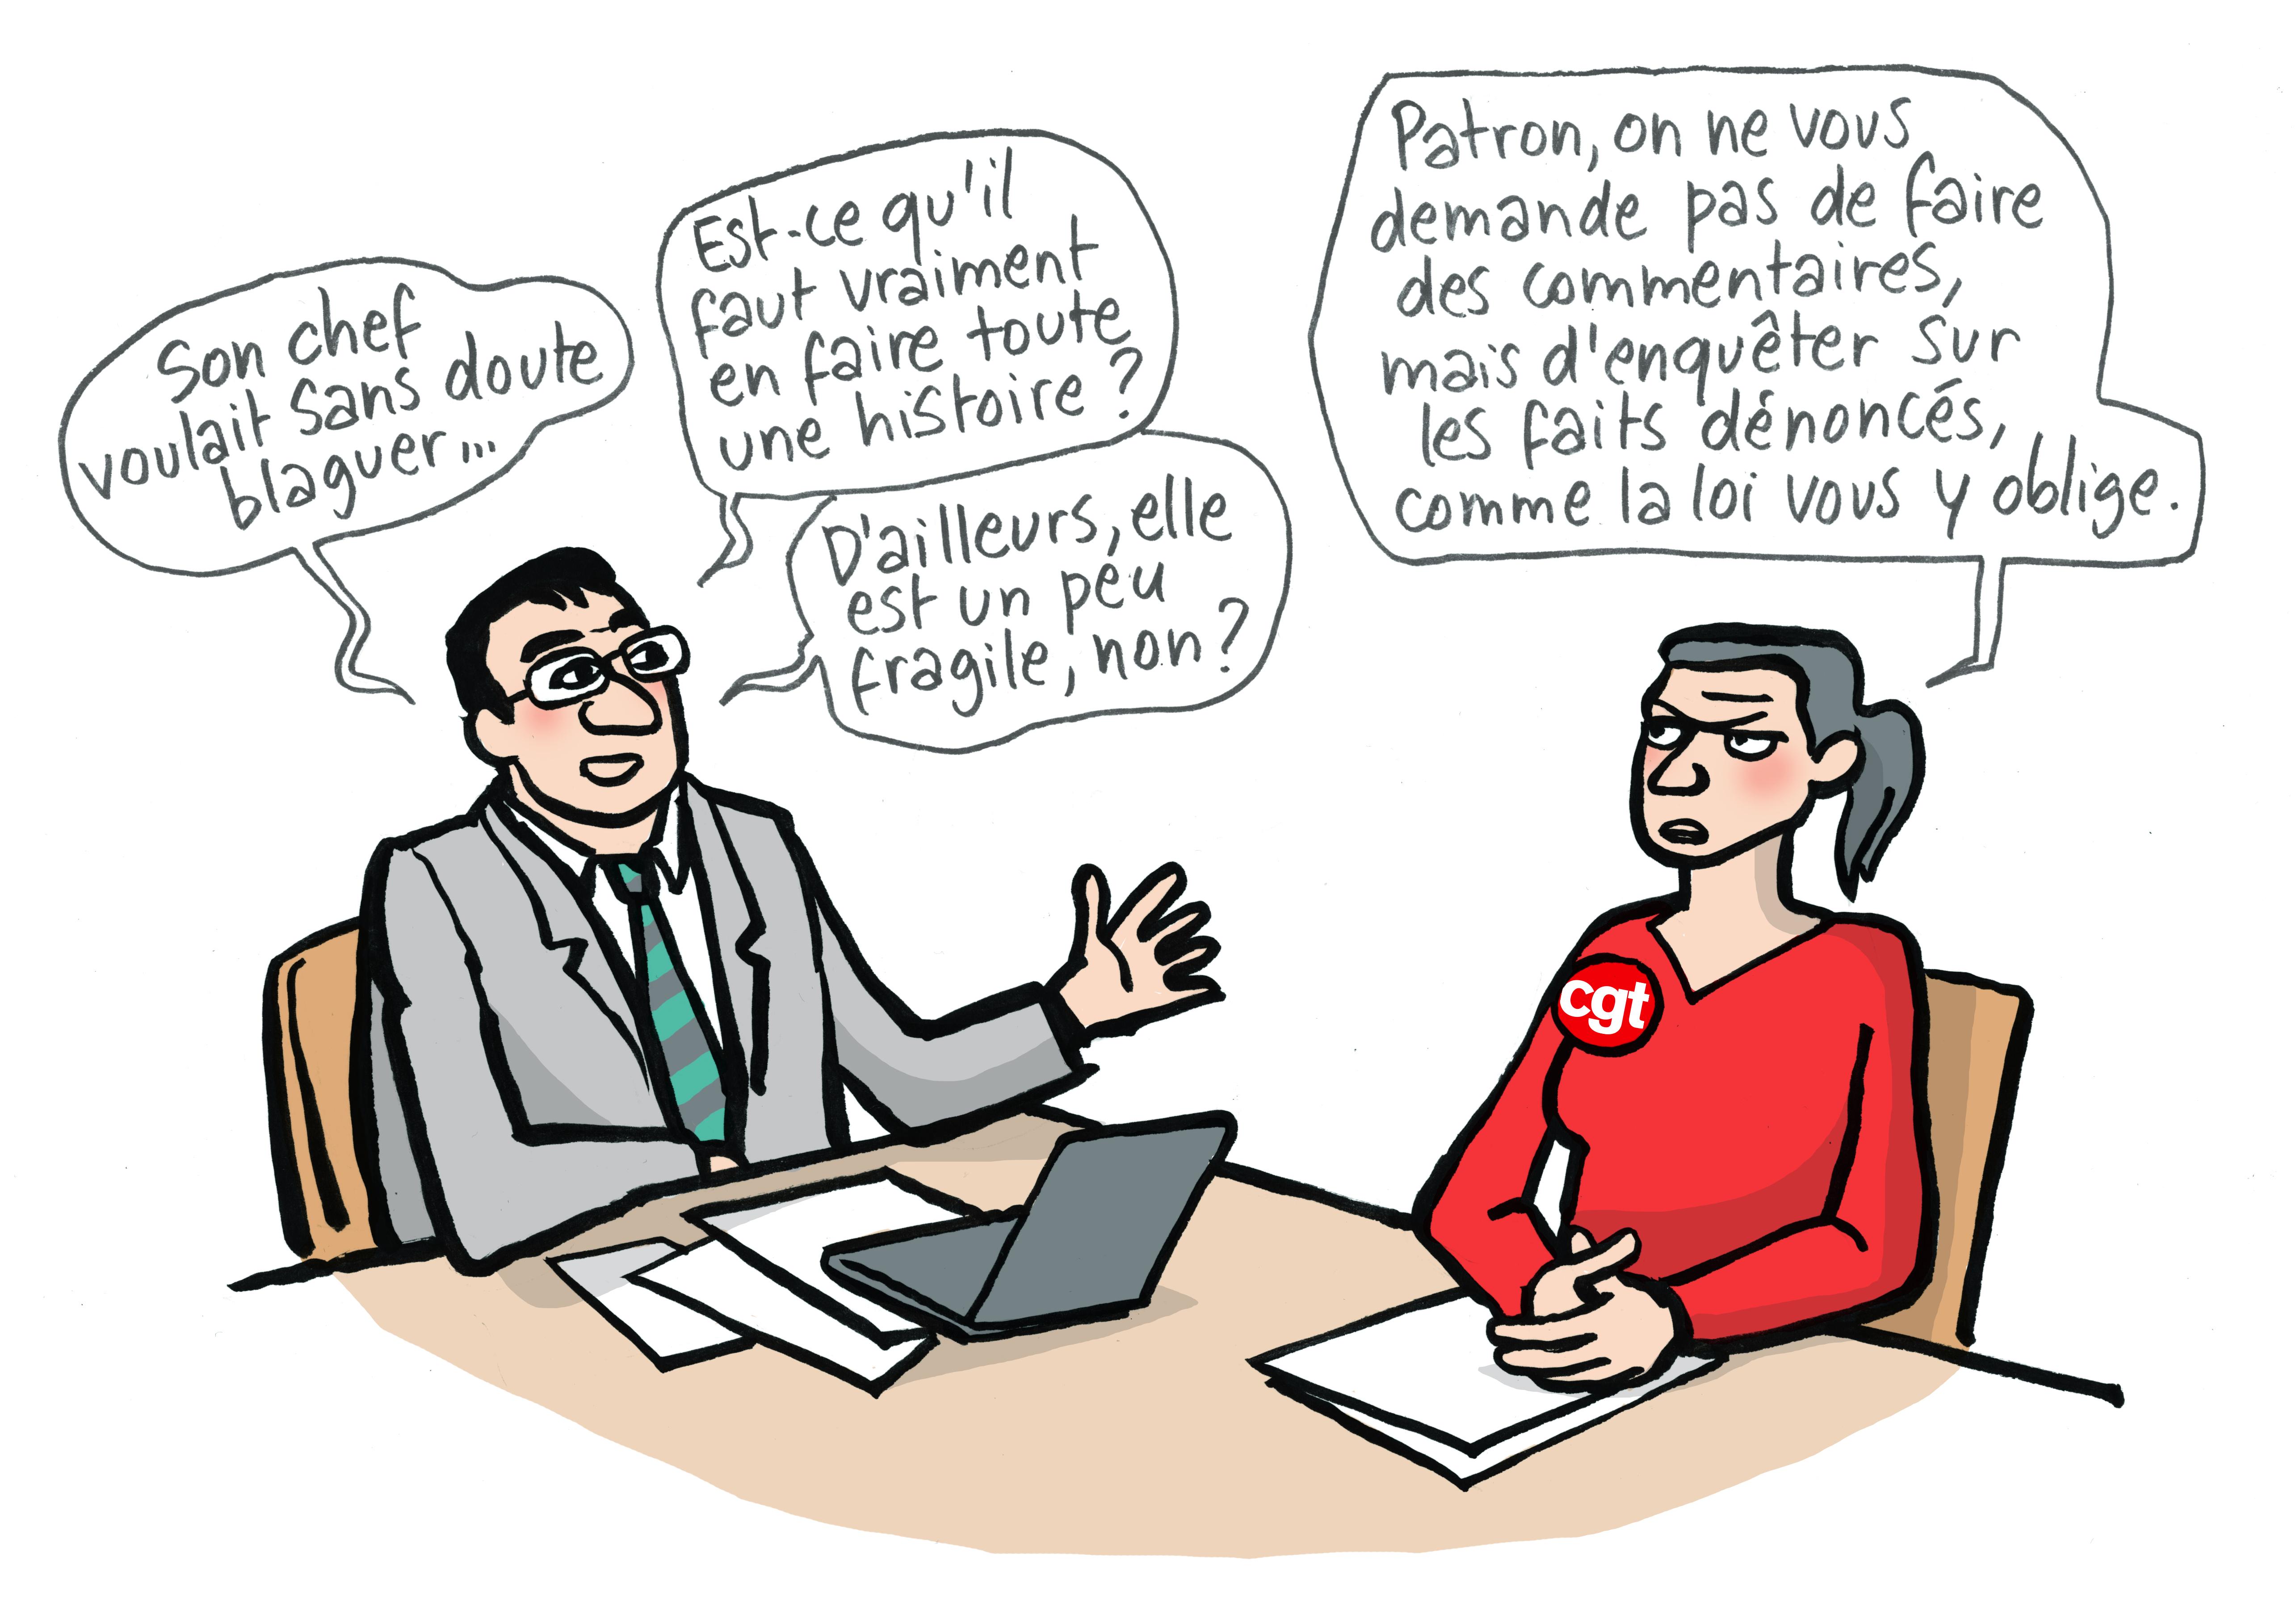 CGT FERC SUP : Après le CHSCT de la honte qui a révélé l'hypocrisie et les stéréotypes sexistes de la gouvernance de l'ENS Lyon, c'est la détresse des étudiant.es qui explose.